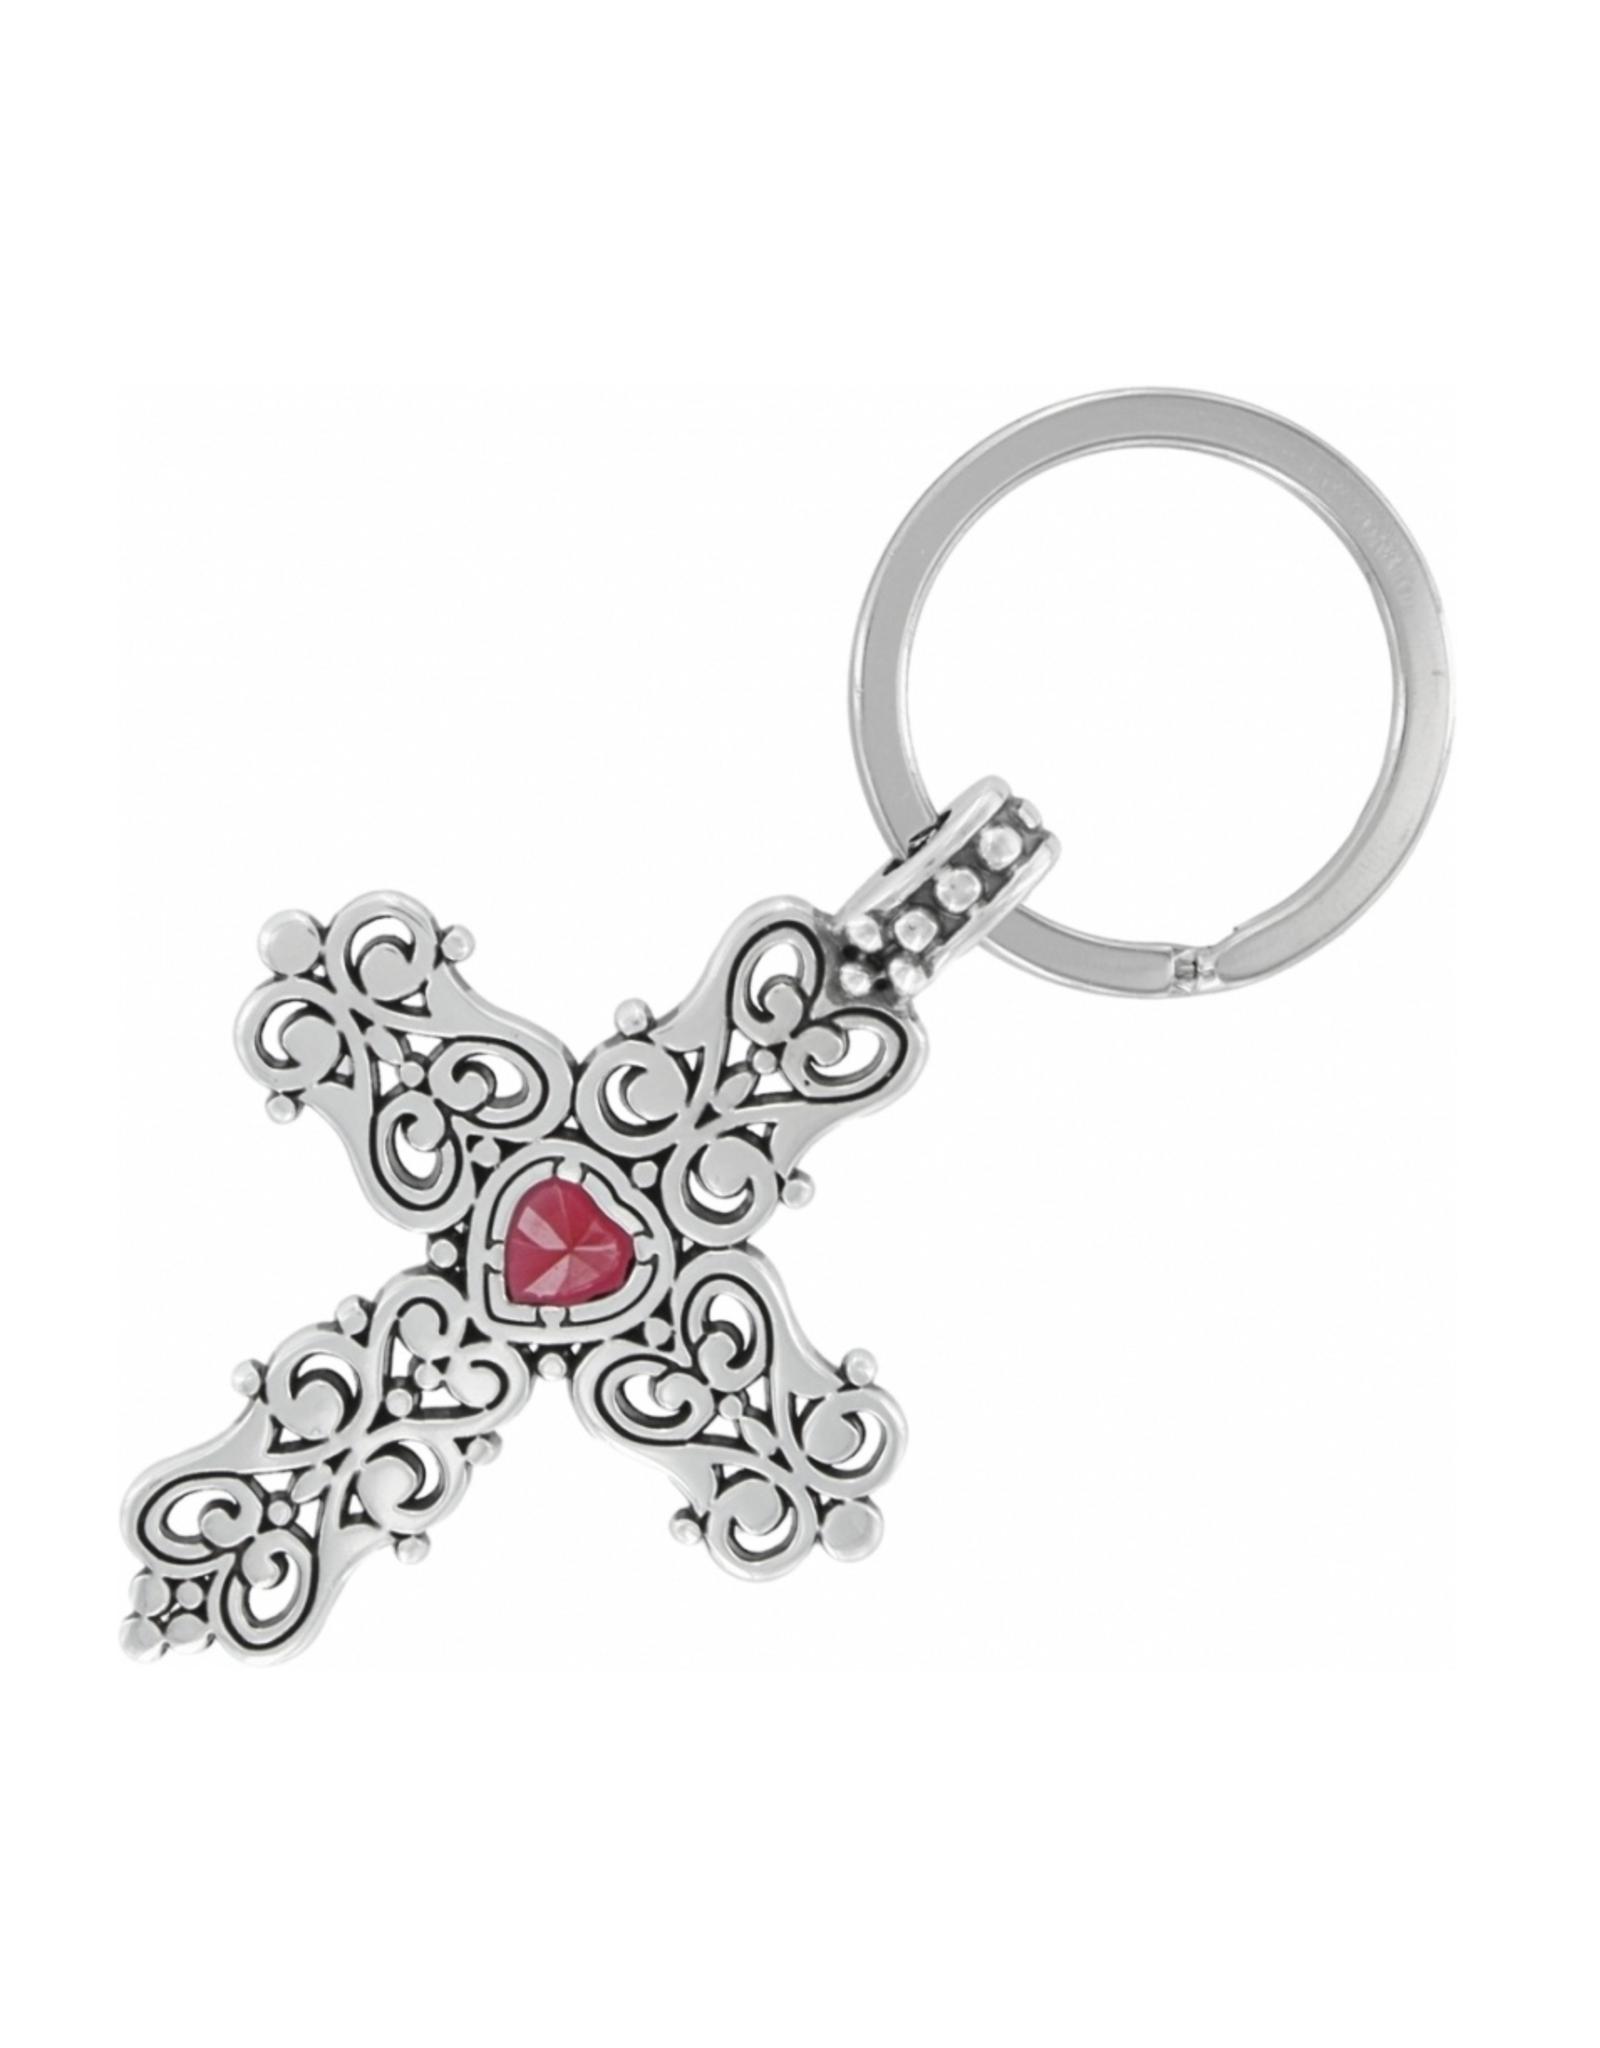 Brighton Endless Love Key Fob - Silver & Red